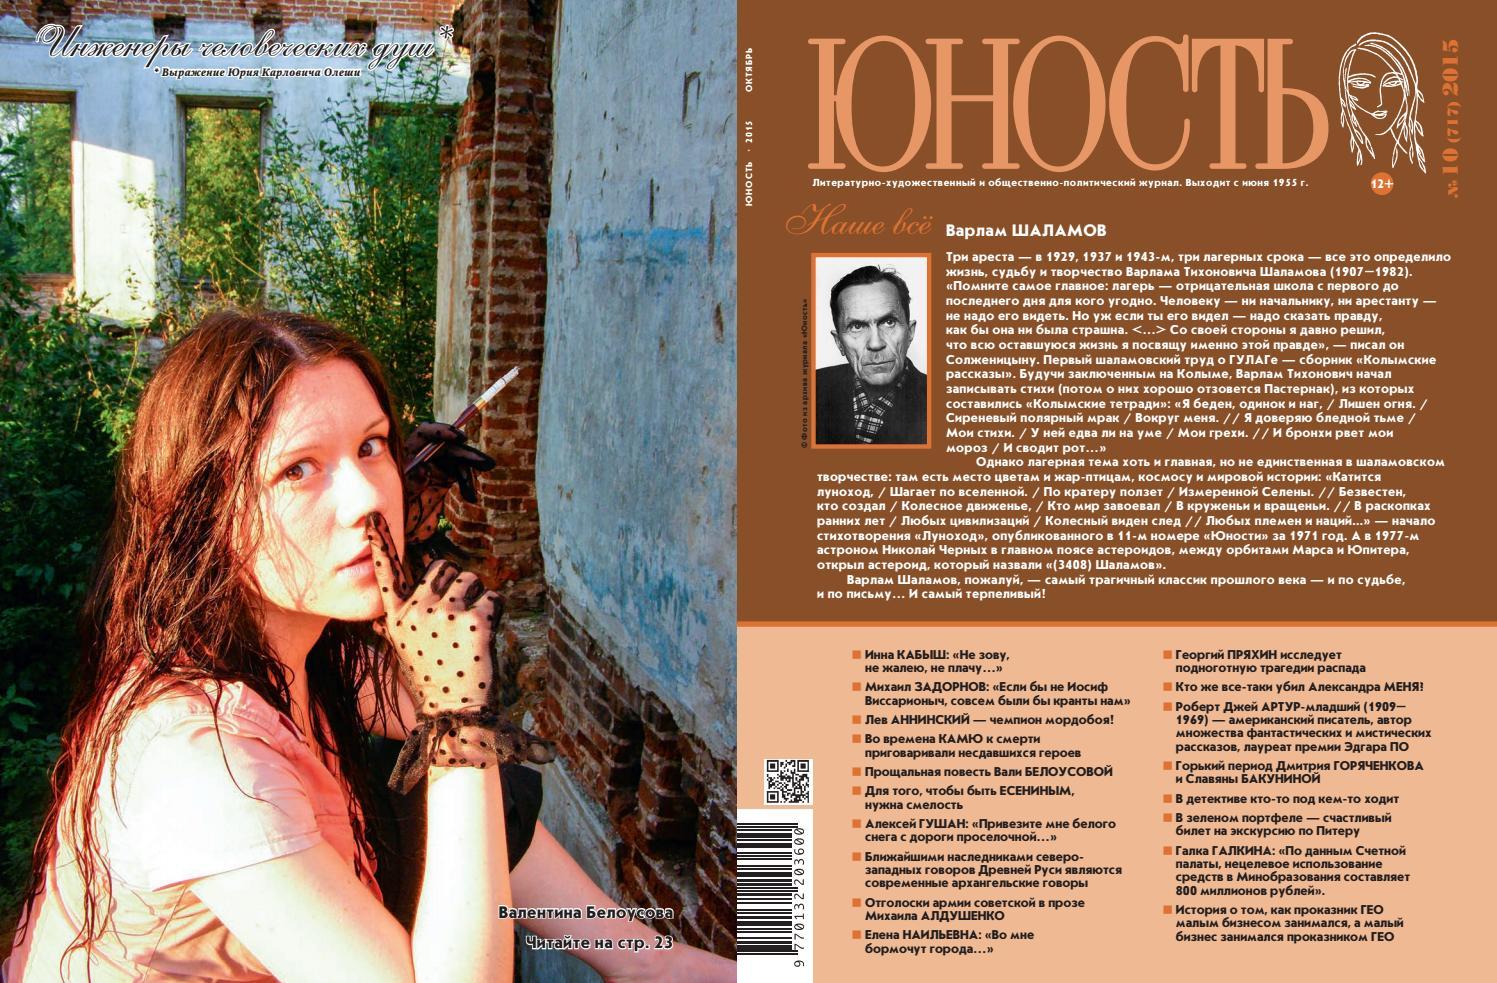 Рузвел красивою сестру на секс онлайне русское радио